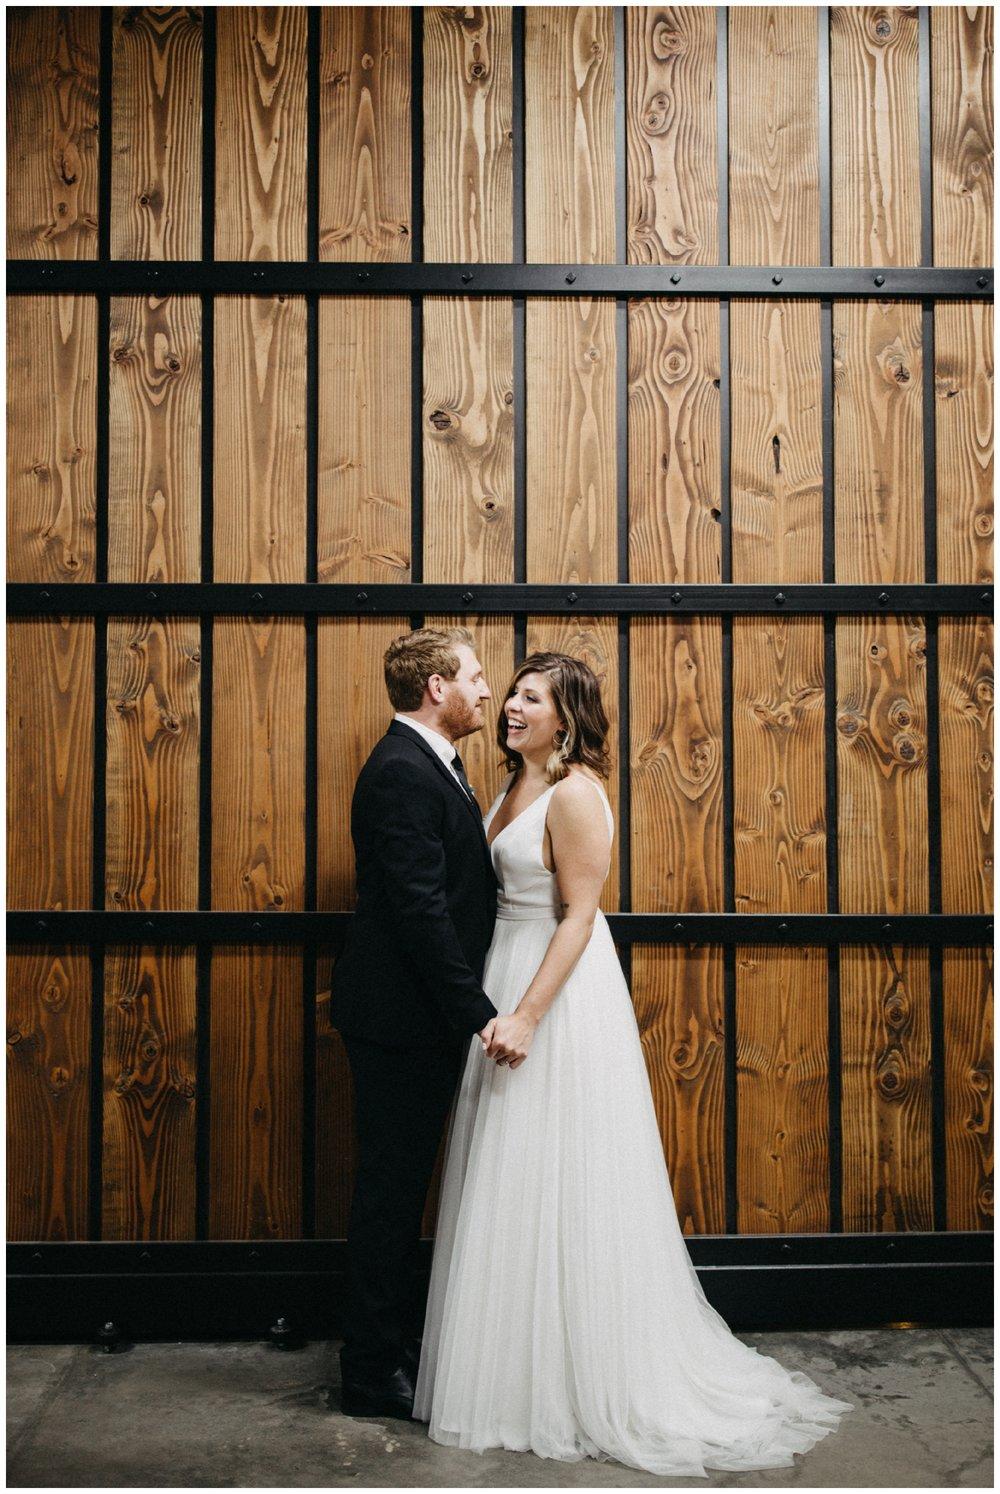 Dellwood vineyard wedding